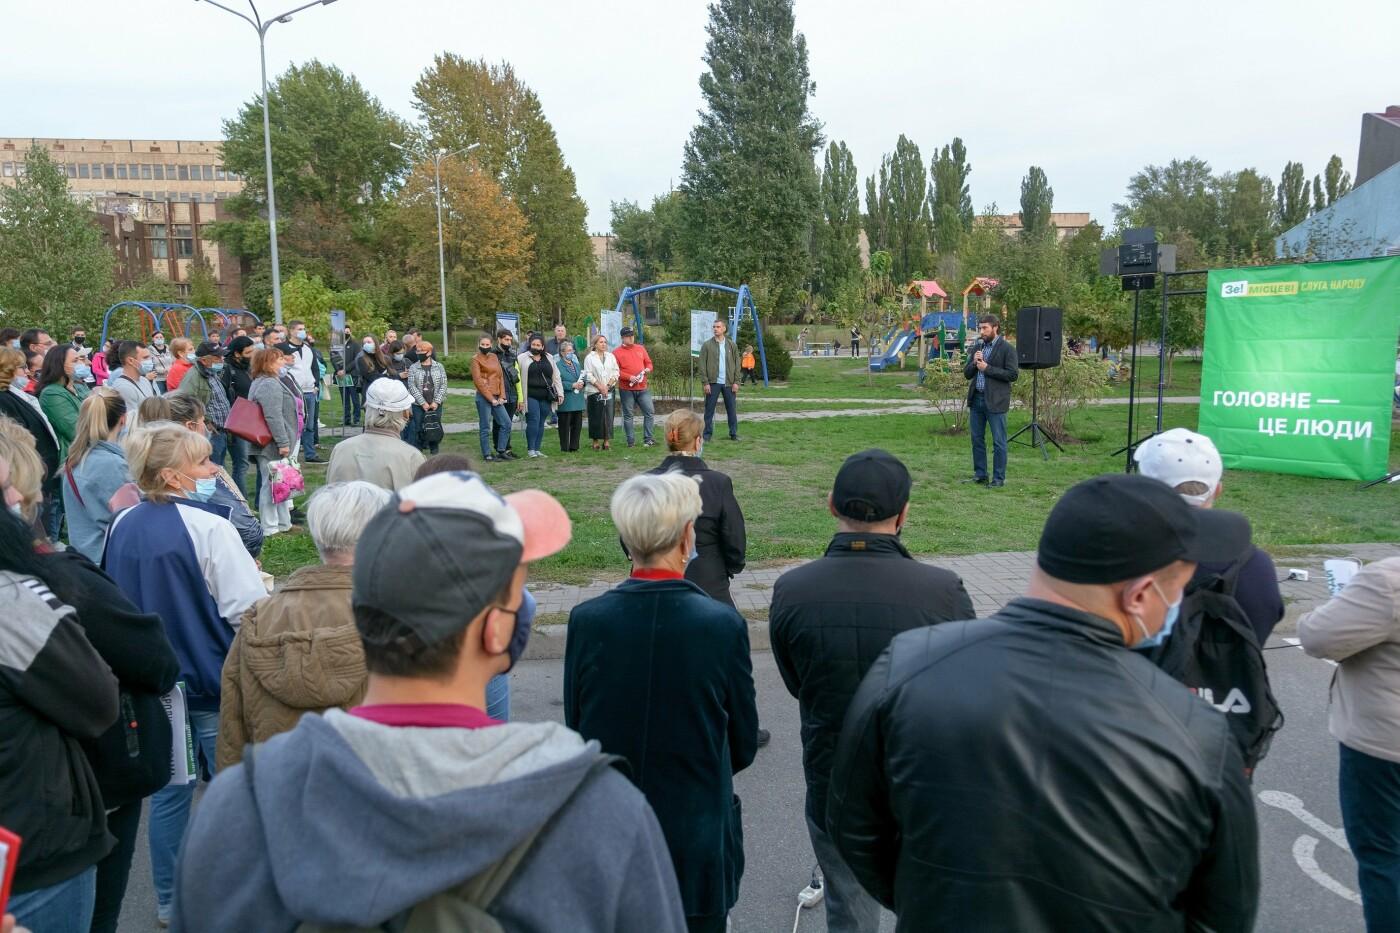 Мы сохраним и увеличим муниципальные выплаты для горожан, - Дмитрий Шевчик, фото-1